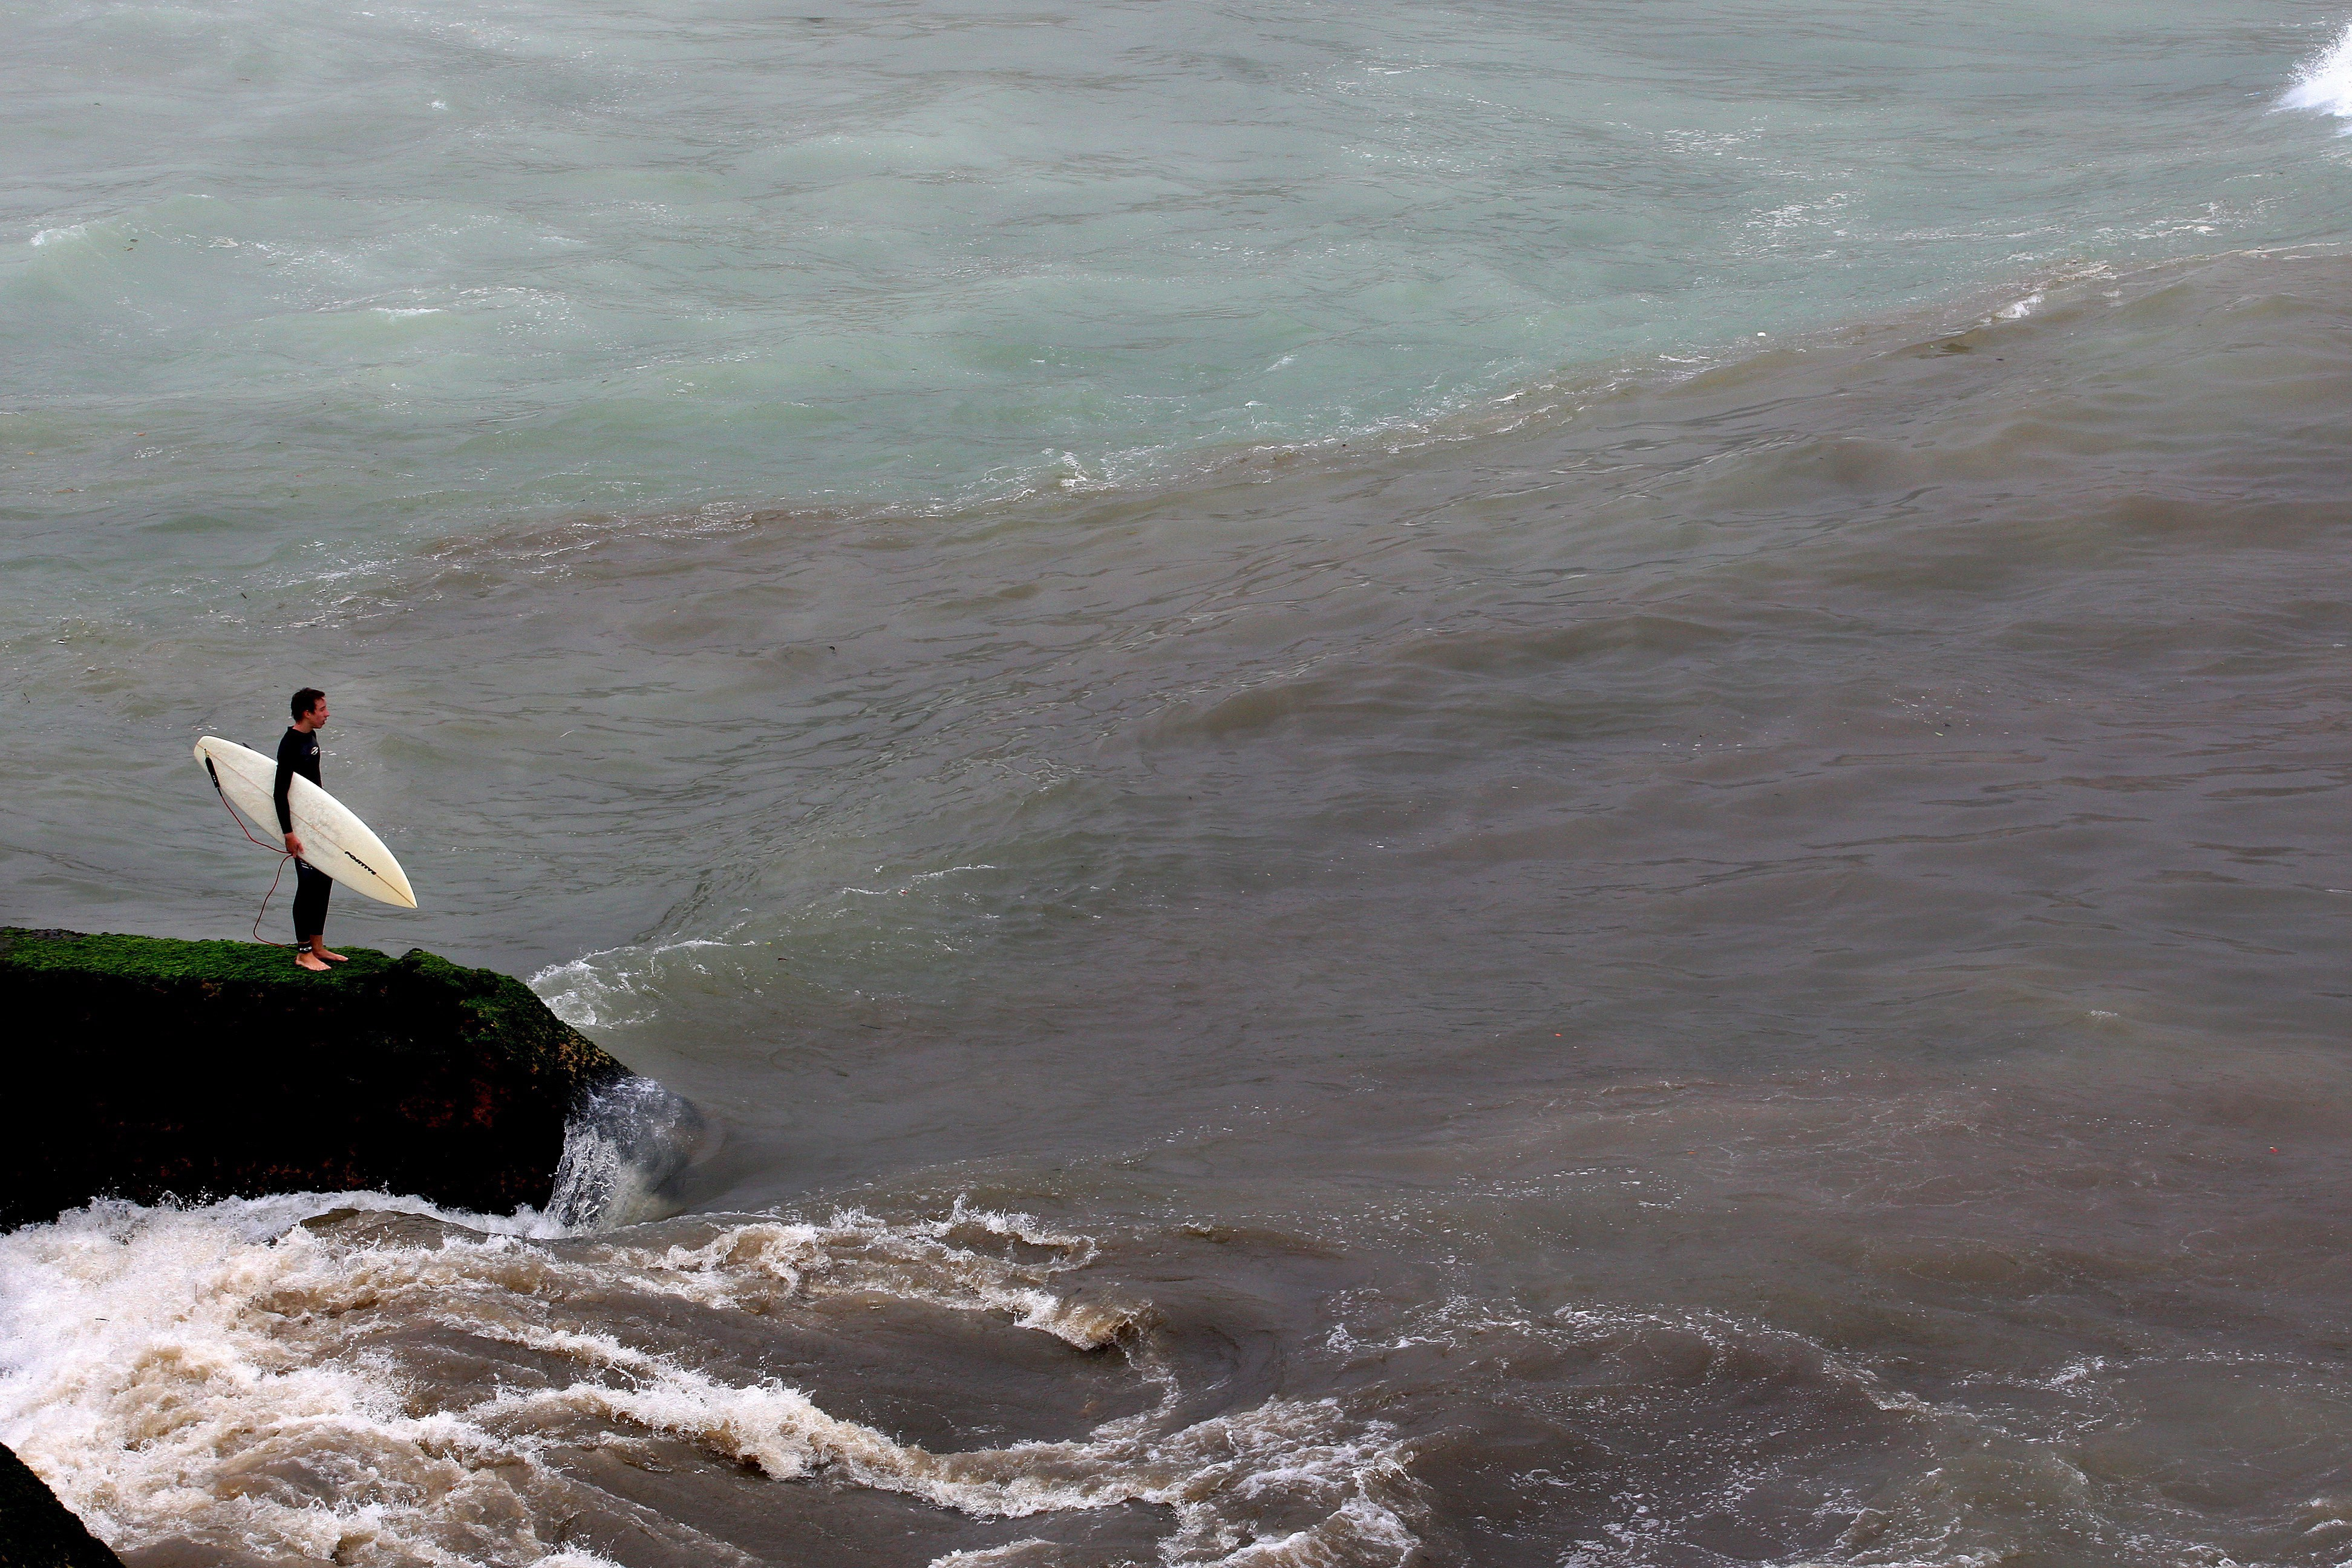 Surfista se prepara para pular no mar sujo de esgoto do Leblon, em 2009